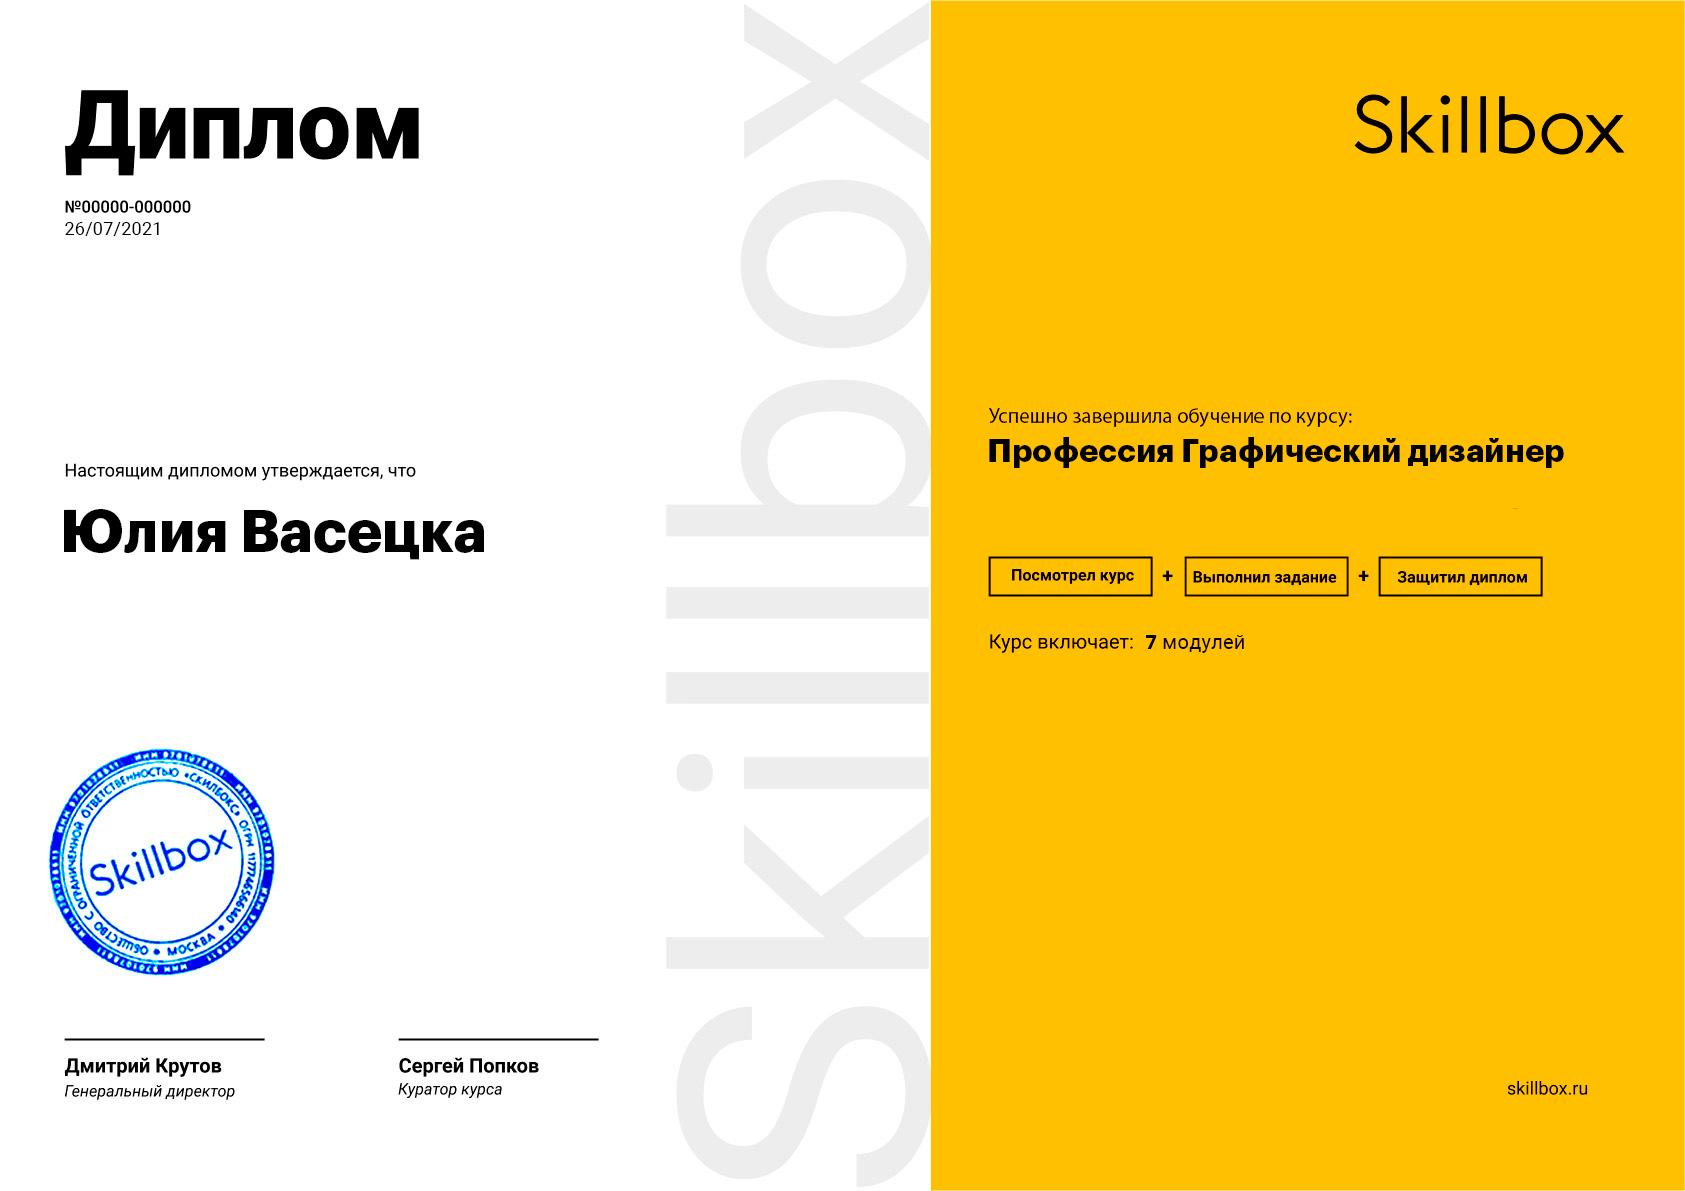 Диплом об окончании курса Профессия графический дизайнер